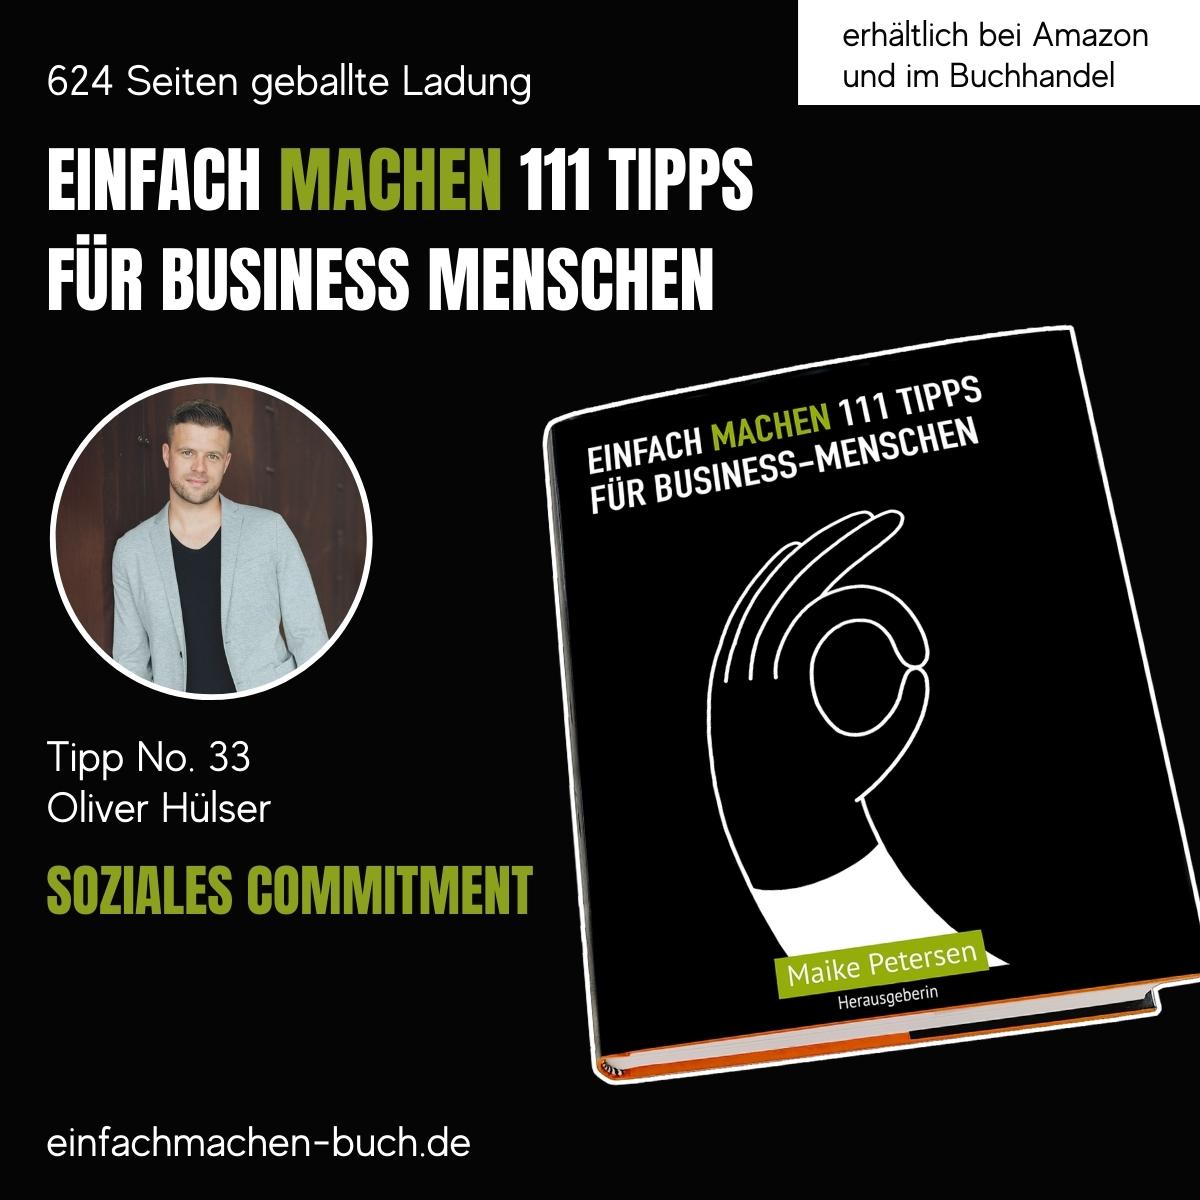 EINFACH MACHEN 111 TIPPS FÜR BUSINESS-MENSCHEN | Tipp No. 33 Oliver Hülser